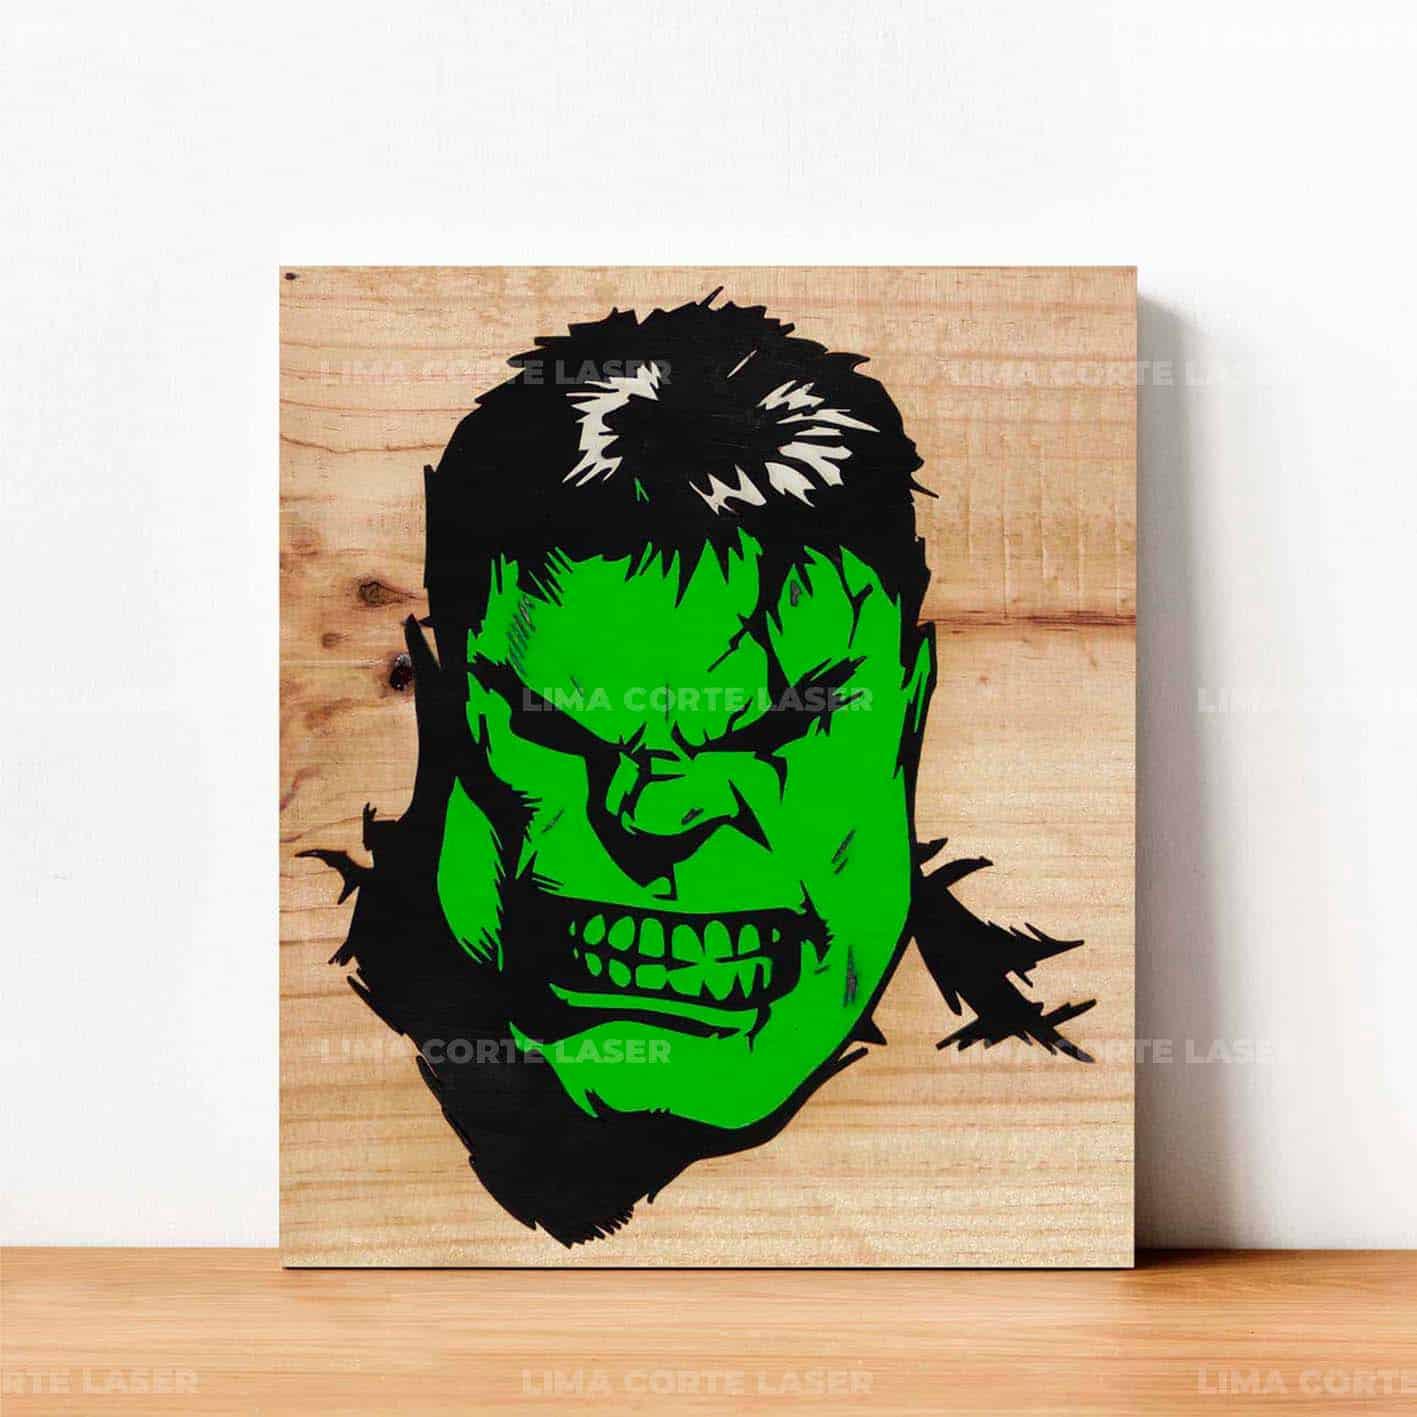 Cuadro de madera con la cara de Hulk grabado con láser sobre madera